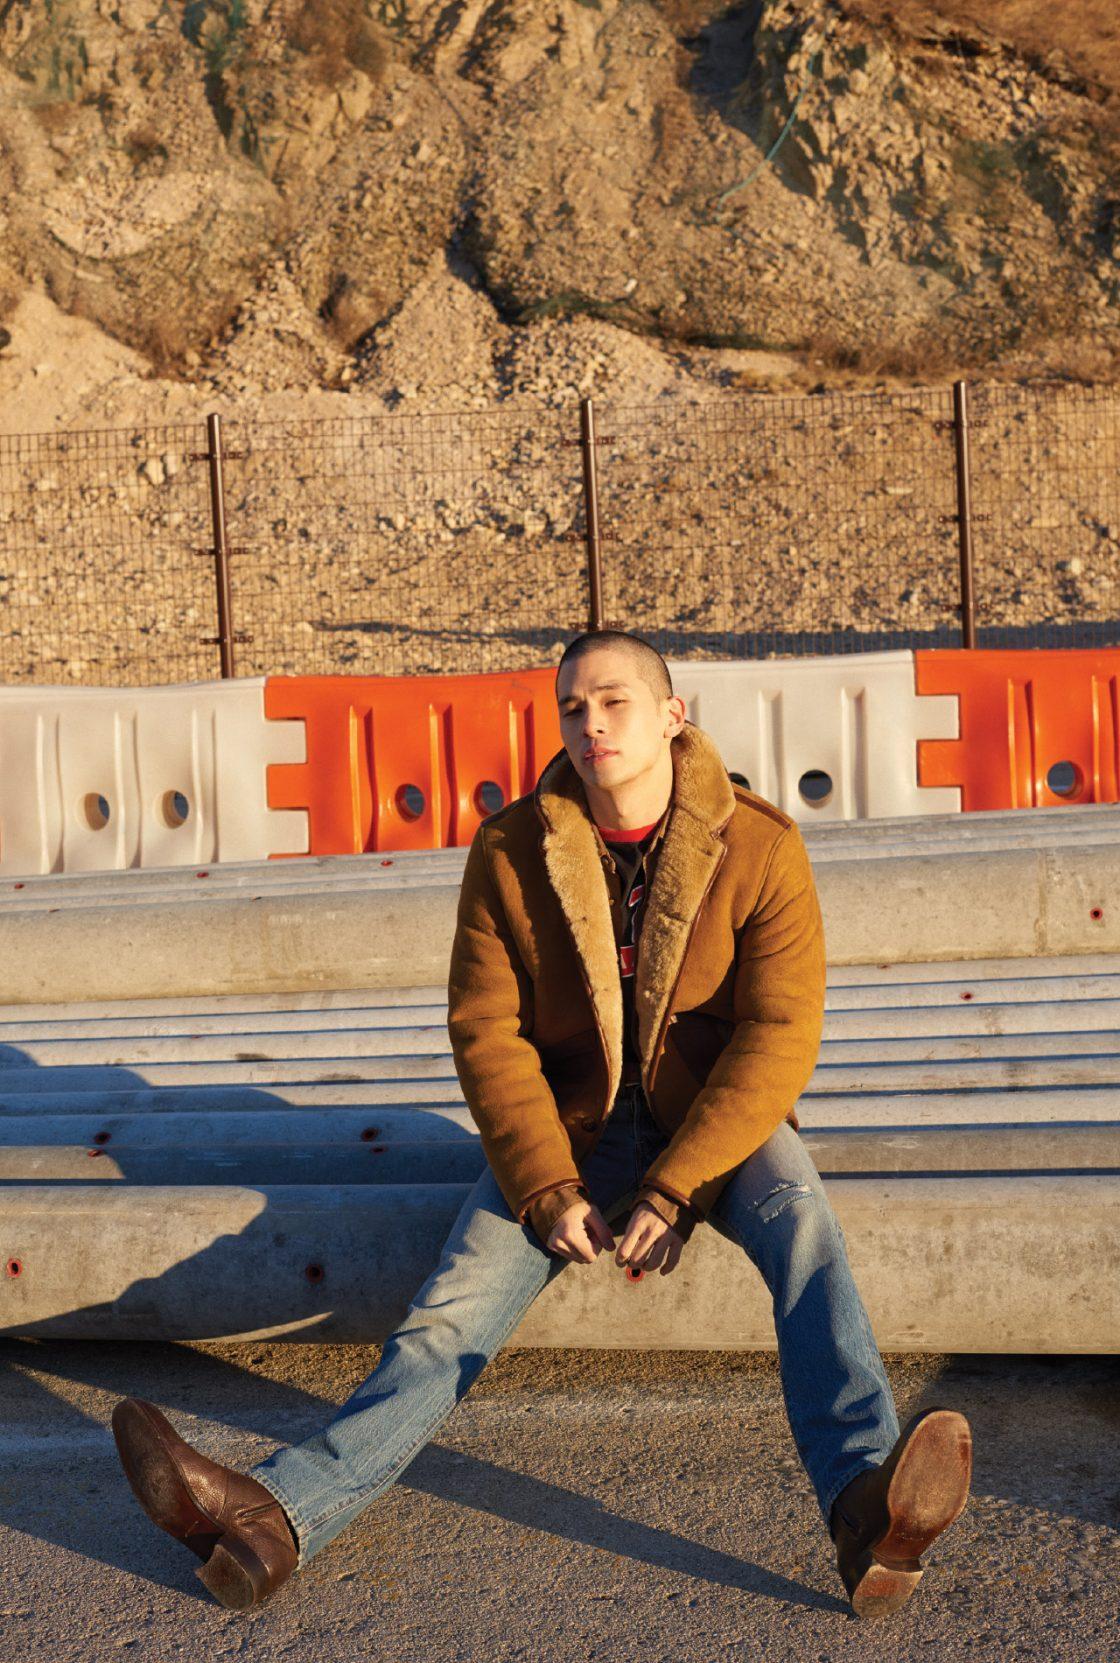 무통 재킷 175만원 YMC. 웨스턴 셔츠 21만5000원 올세인츠. 티셔츠 에디터 소장품. 청바지 32만9000원, 갈색 가죽 벨트 6만9000원 모두 리바이스. 갈색 앵클부츠 가격미정 톰 포드.